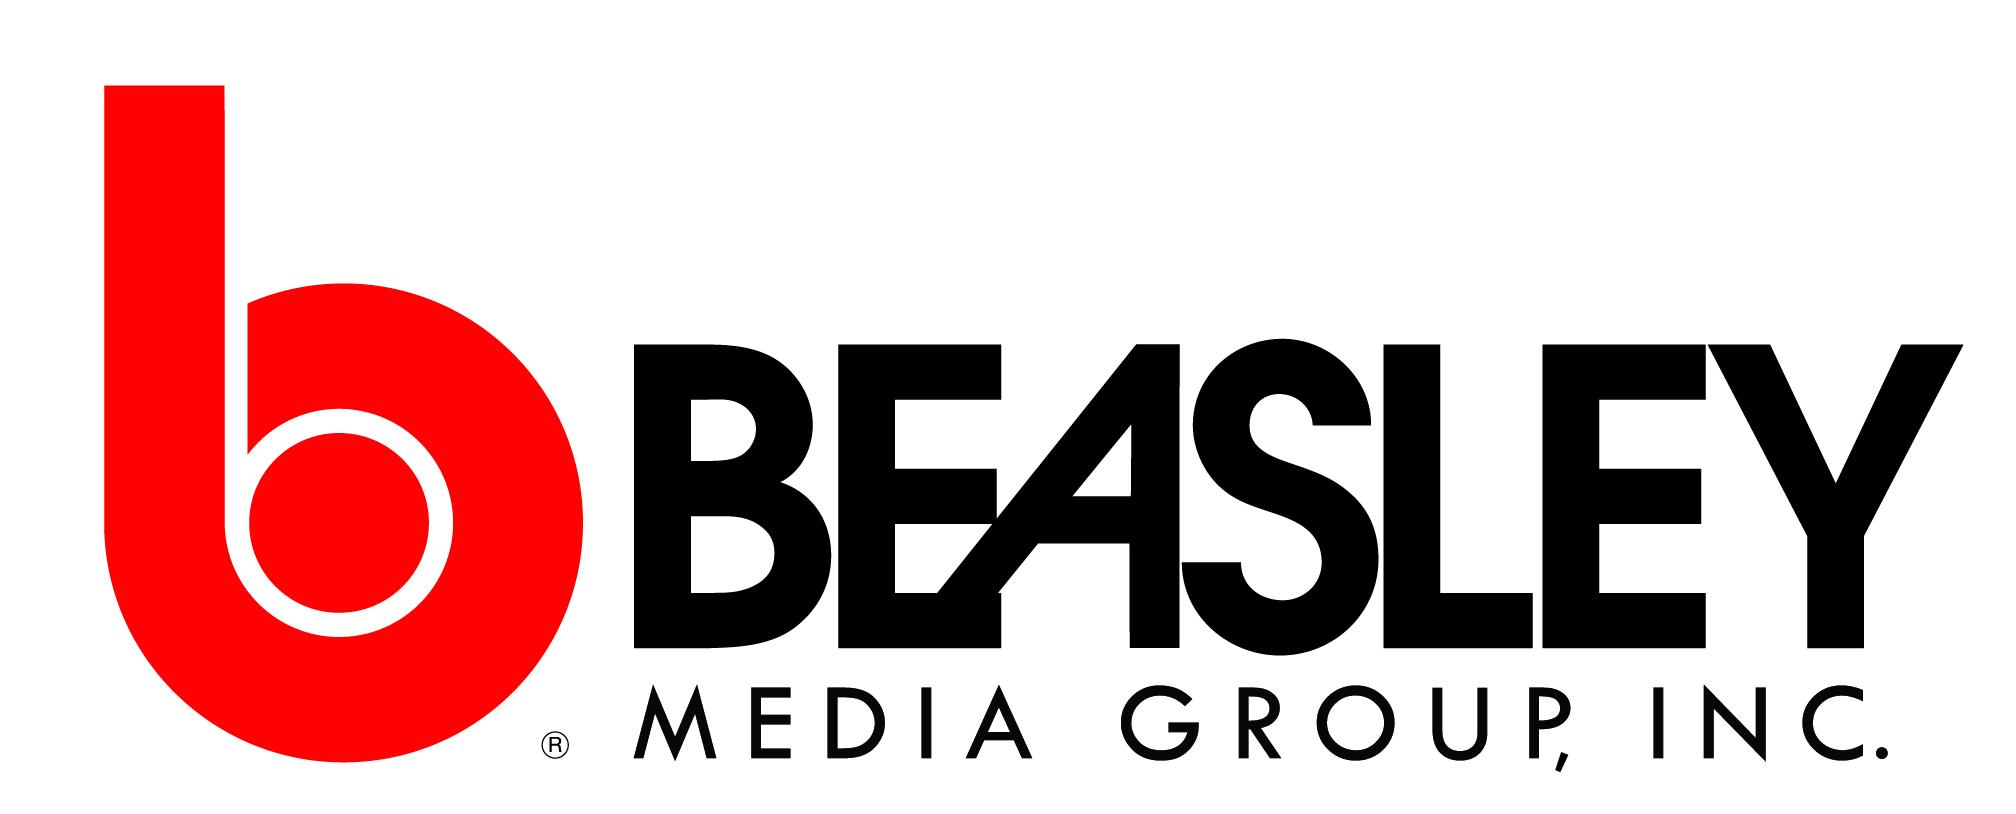 beasley-logo.JPG